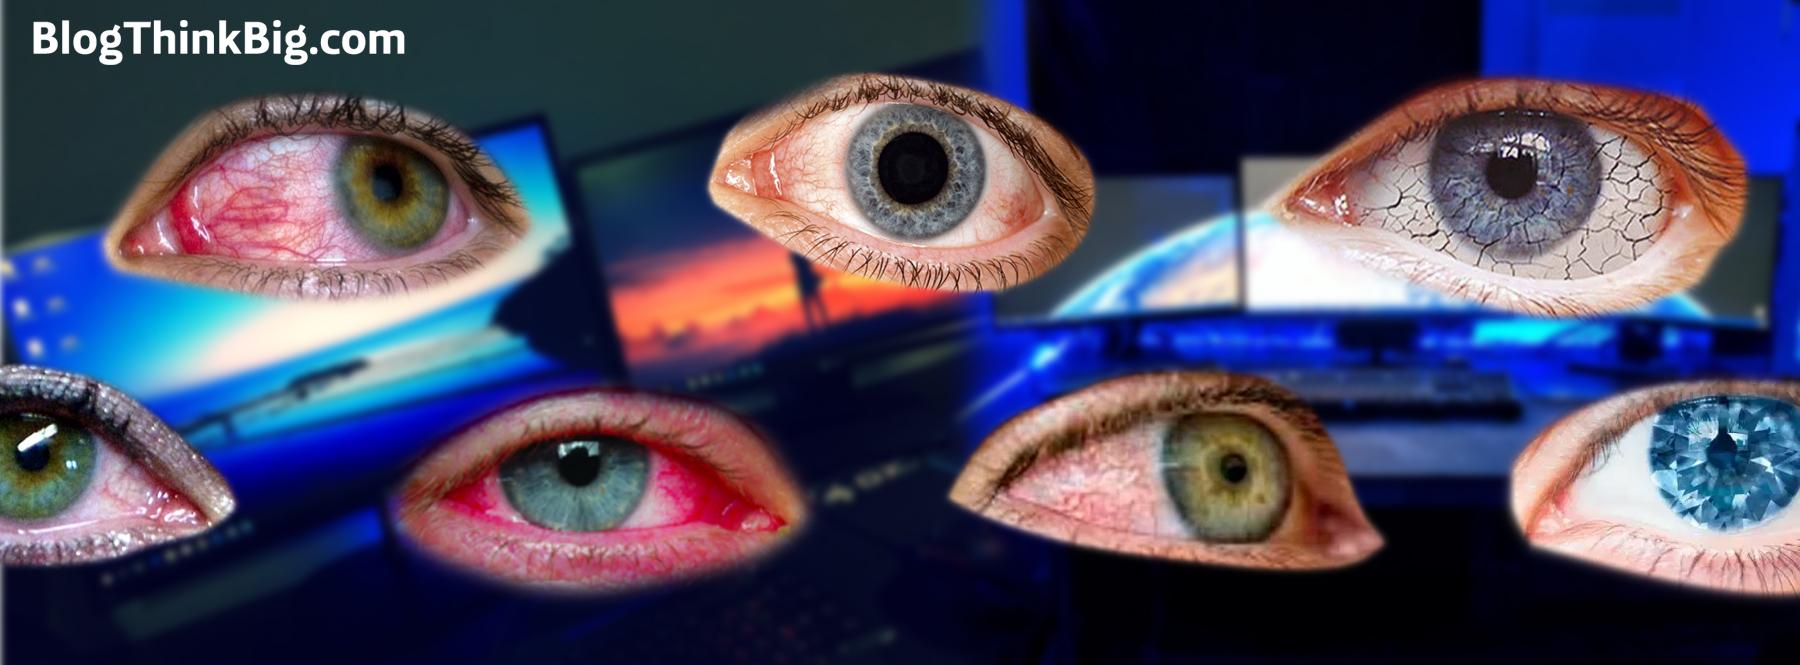 ¿Cómo afectan las pantallas a nuestros ojos? El Síndrome del Ojo Seco